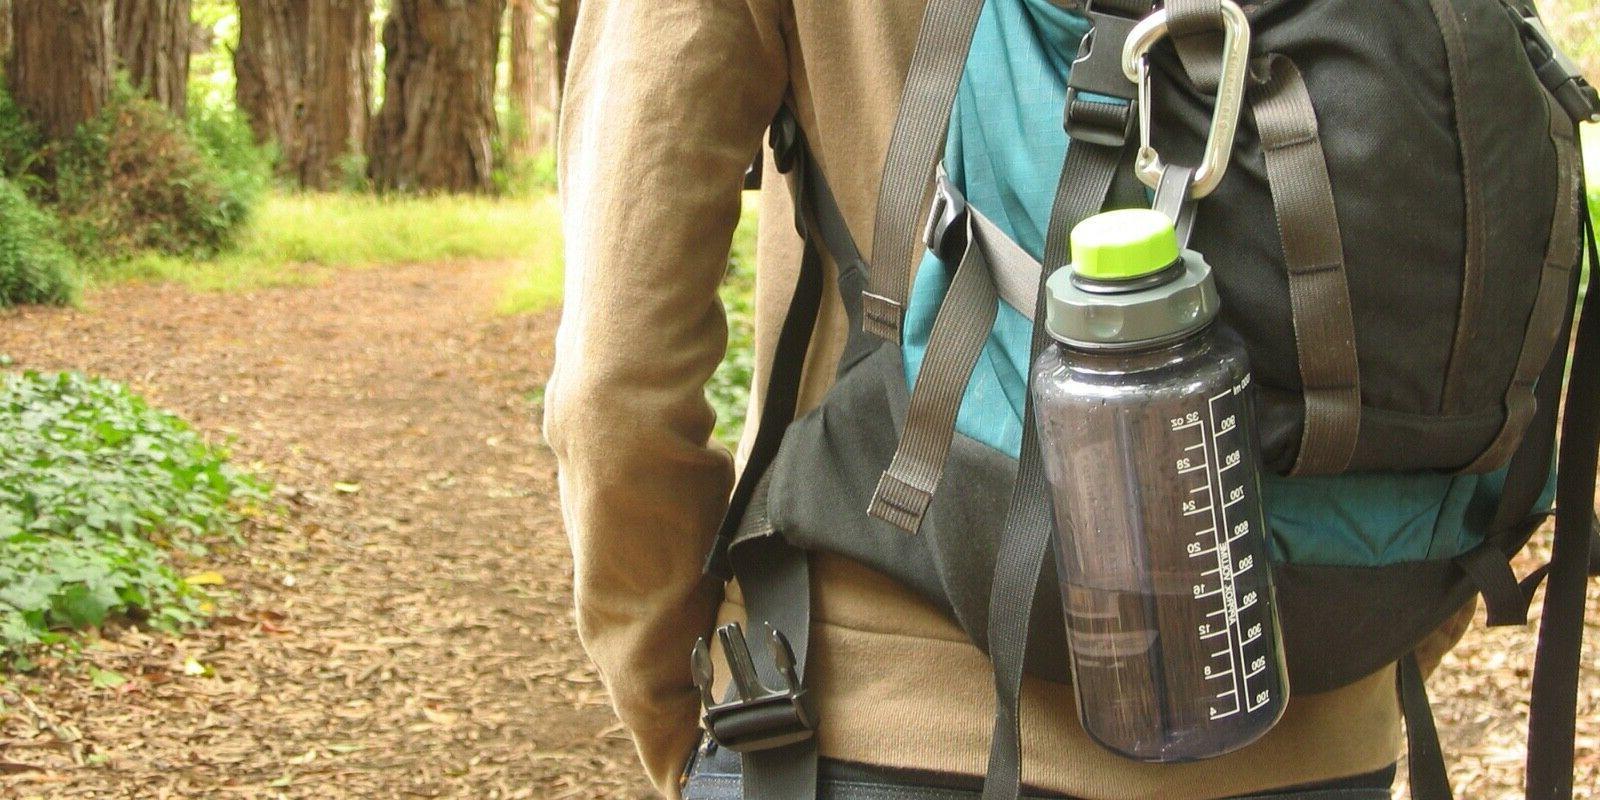 Humangear for Water Bottles Camelback | 4 |